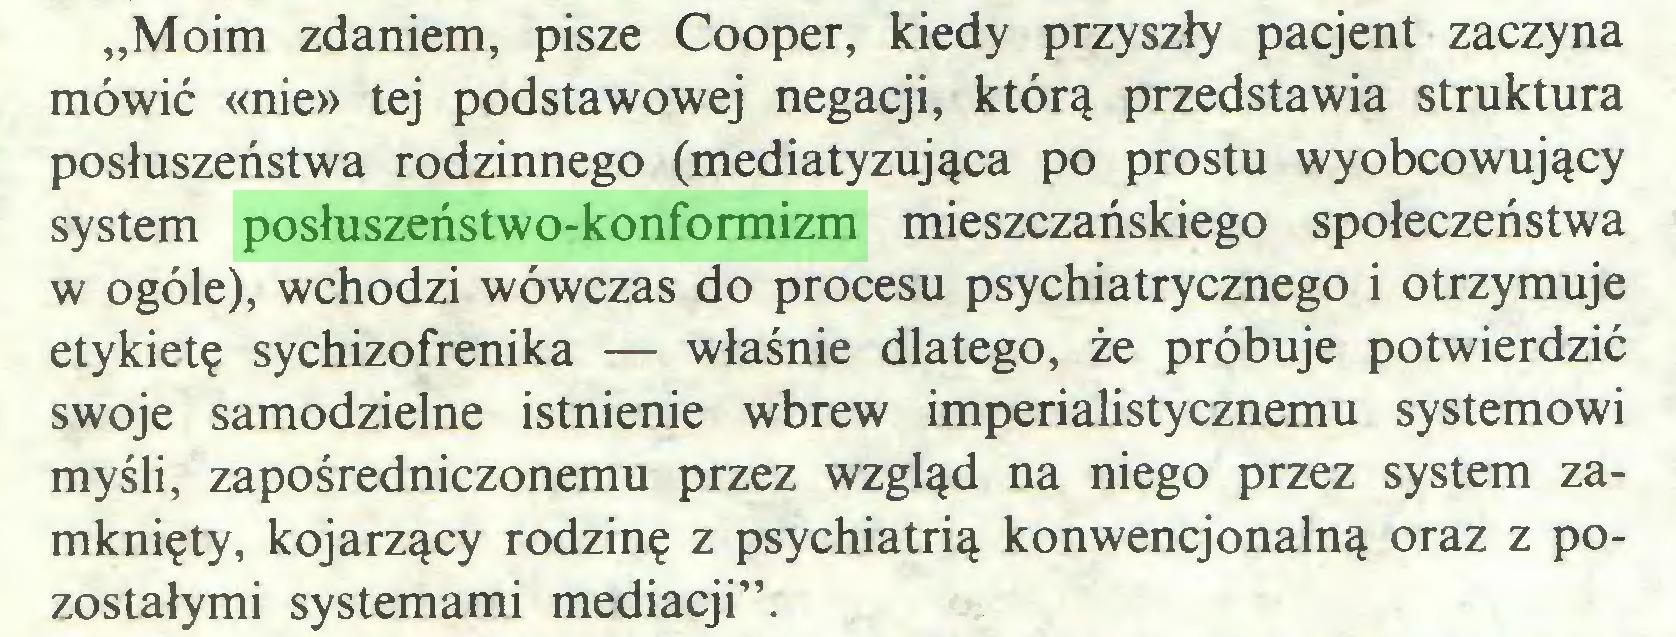 """(...) """"Moim zdaniem, pisze Cooper, kiedy przyszły pacjent zaczyna mówić «nie» tej podstawowej negacji, którą przedstawia struktura posłuszeństwa rodzinnego (mediatyzująca po prostu wyobcowujący system posłuszeństwo-konformizm mieszczańskiego społeczeństwa w ogóle), wchodzi wówczas do procesu psychiatrycznego i otrzymuje etykietę sychizofrenika — właśnie dlatego, że próbuje potwierdzić swoje samodzielne istnienie wbrew imperialistycznemu systemowi myśli, zapośredniczonemu przez wzgląd na niego przez system zamknięty, kojarzący rodzinę z psychiatrią konwencjonalną oraz z pozostałymi systemami mediacji""""..."""